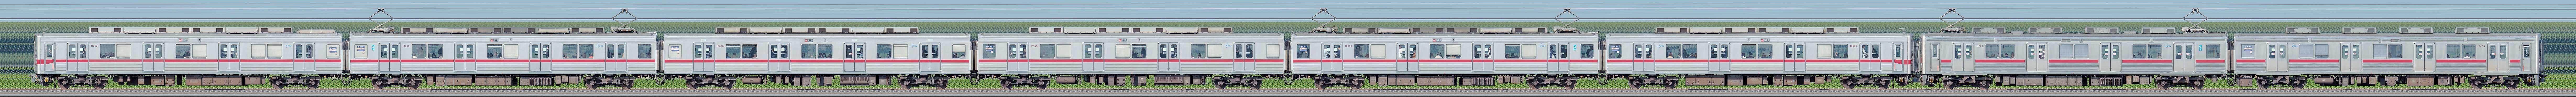 東武10030型11666編成+10000型11204編成(海側)の編成サイドビュー